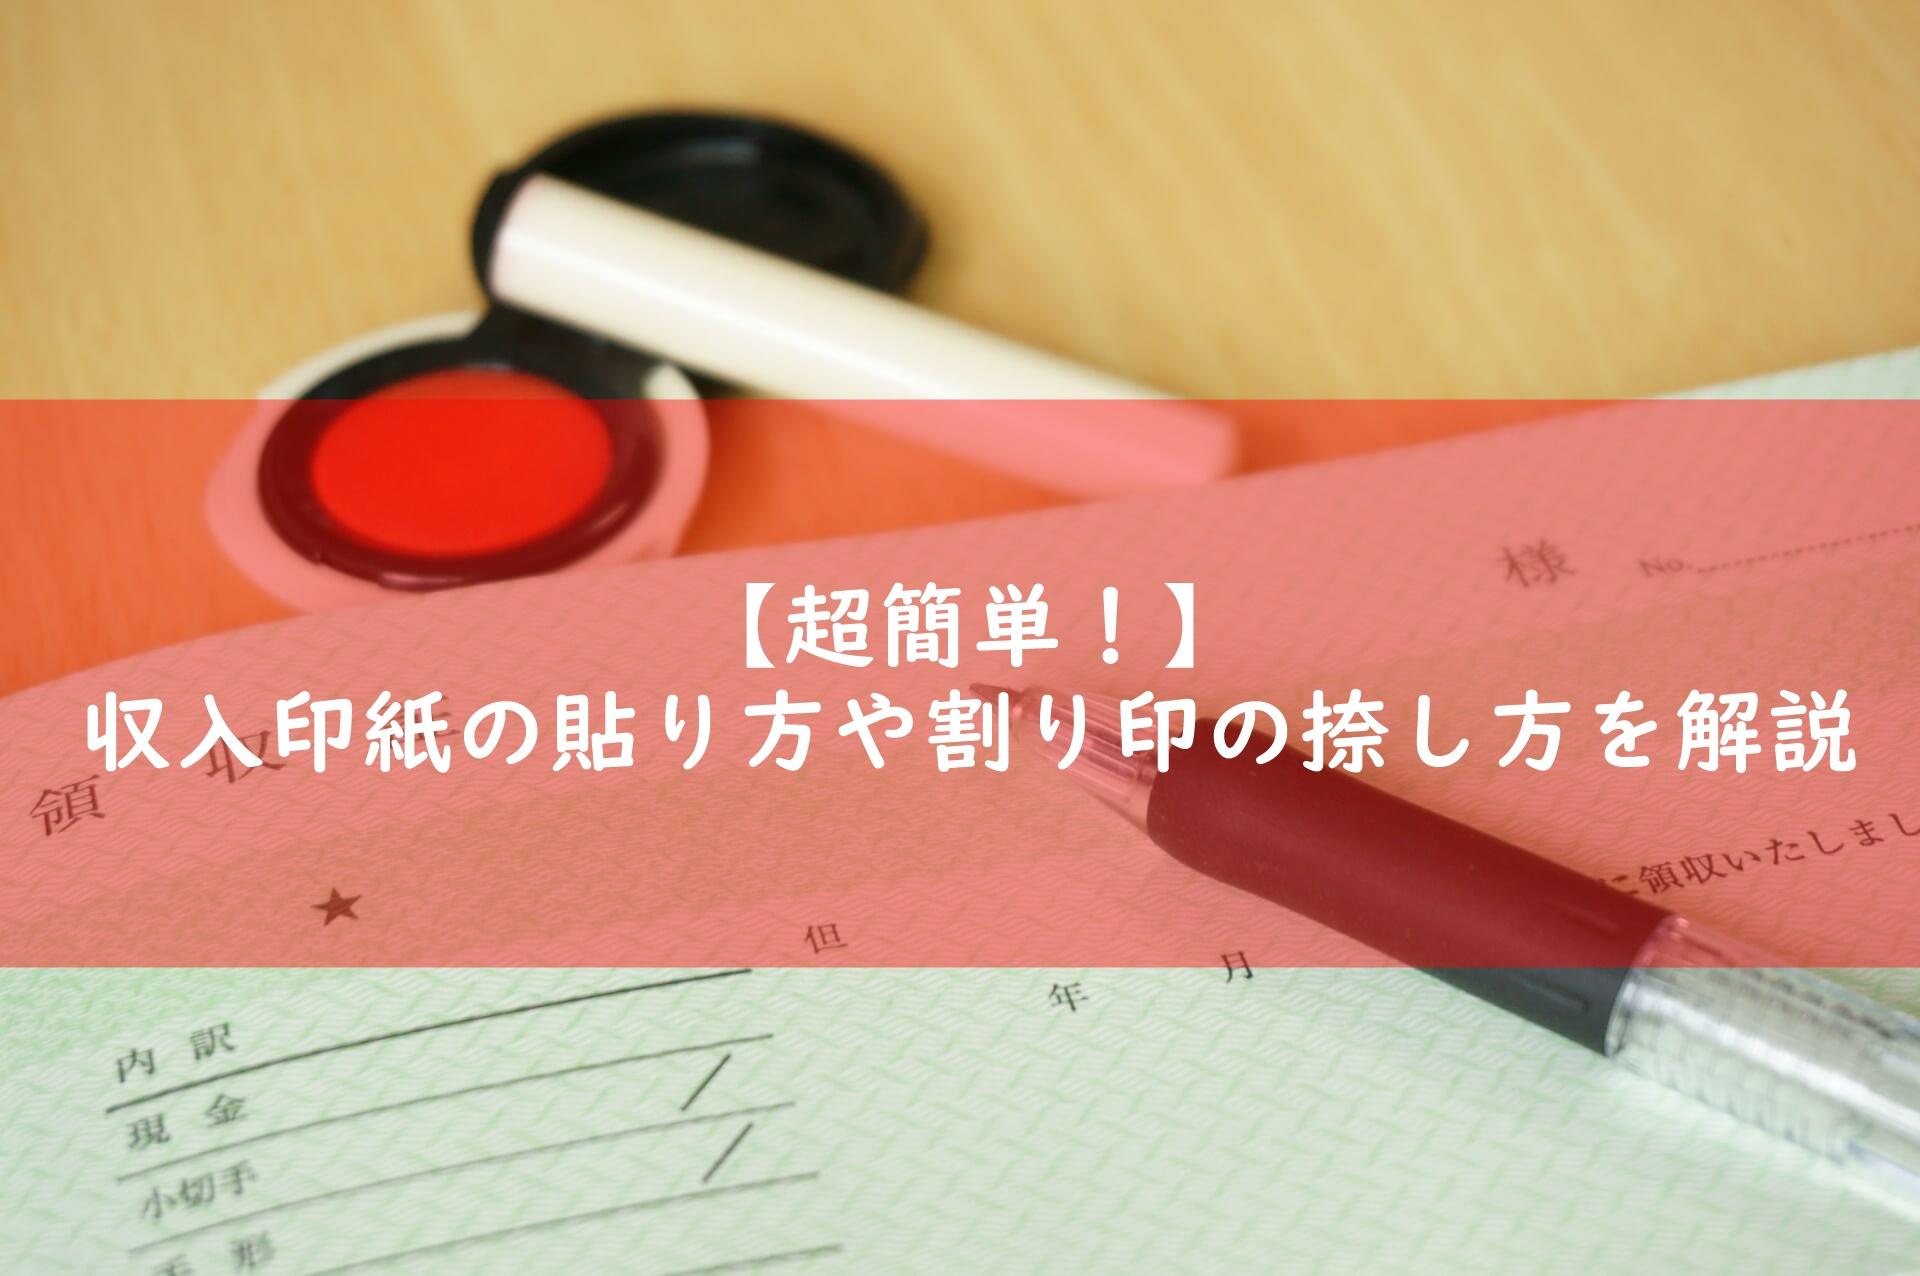 収入印紙の貼り方や割り印の捺し方を解説